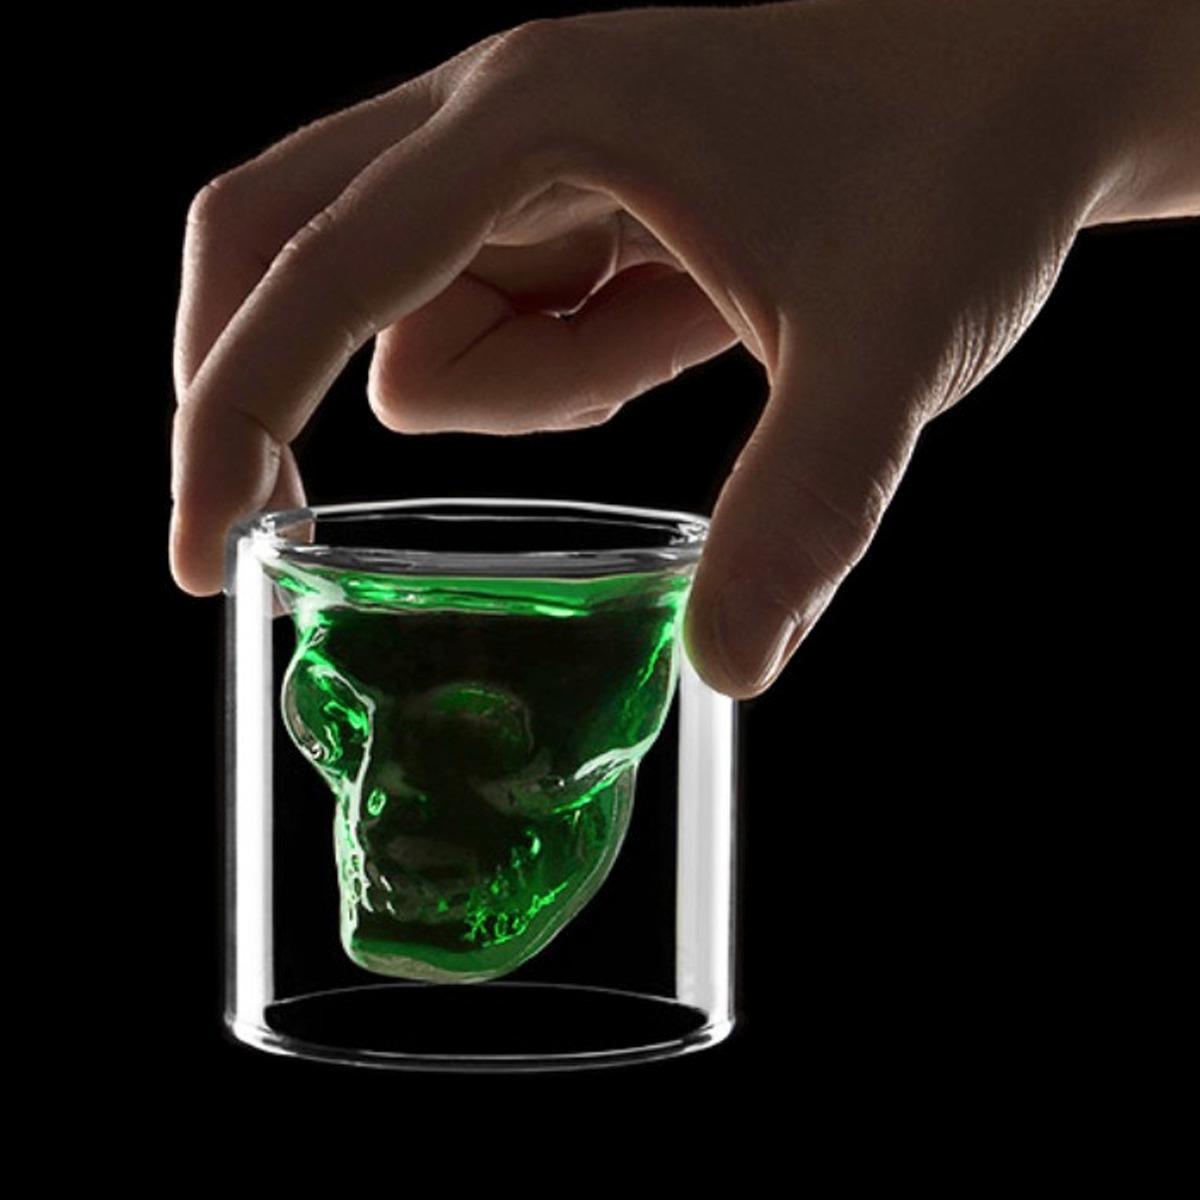 Vaso Shot Doomed Gigante Cristal De 250ml Craneo H1252 79 00  # Muebles El Gigante Saltillo